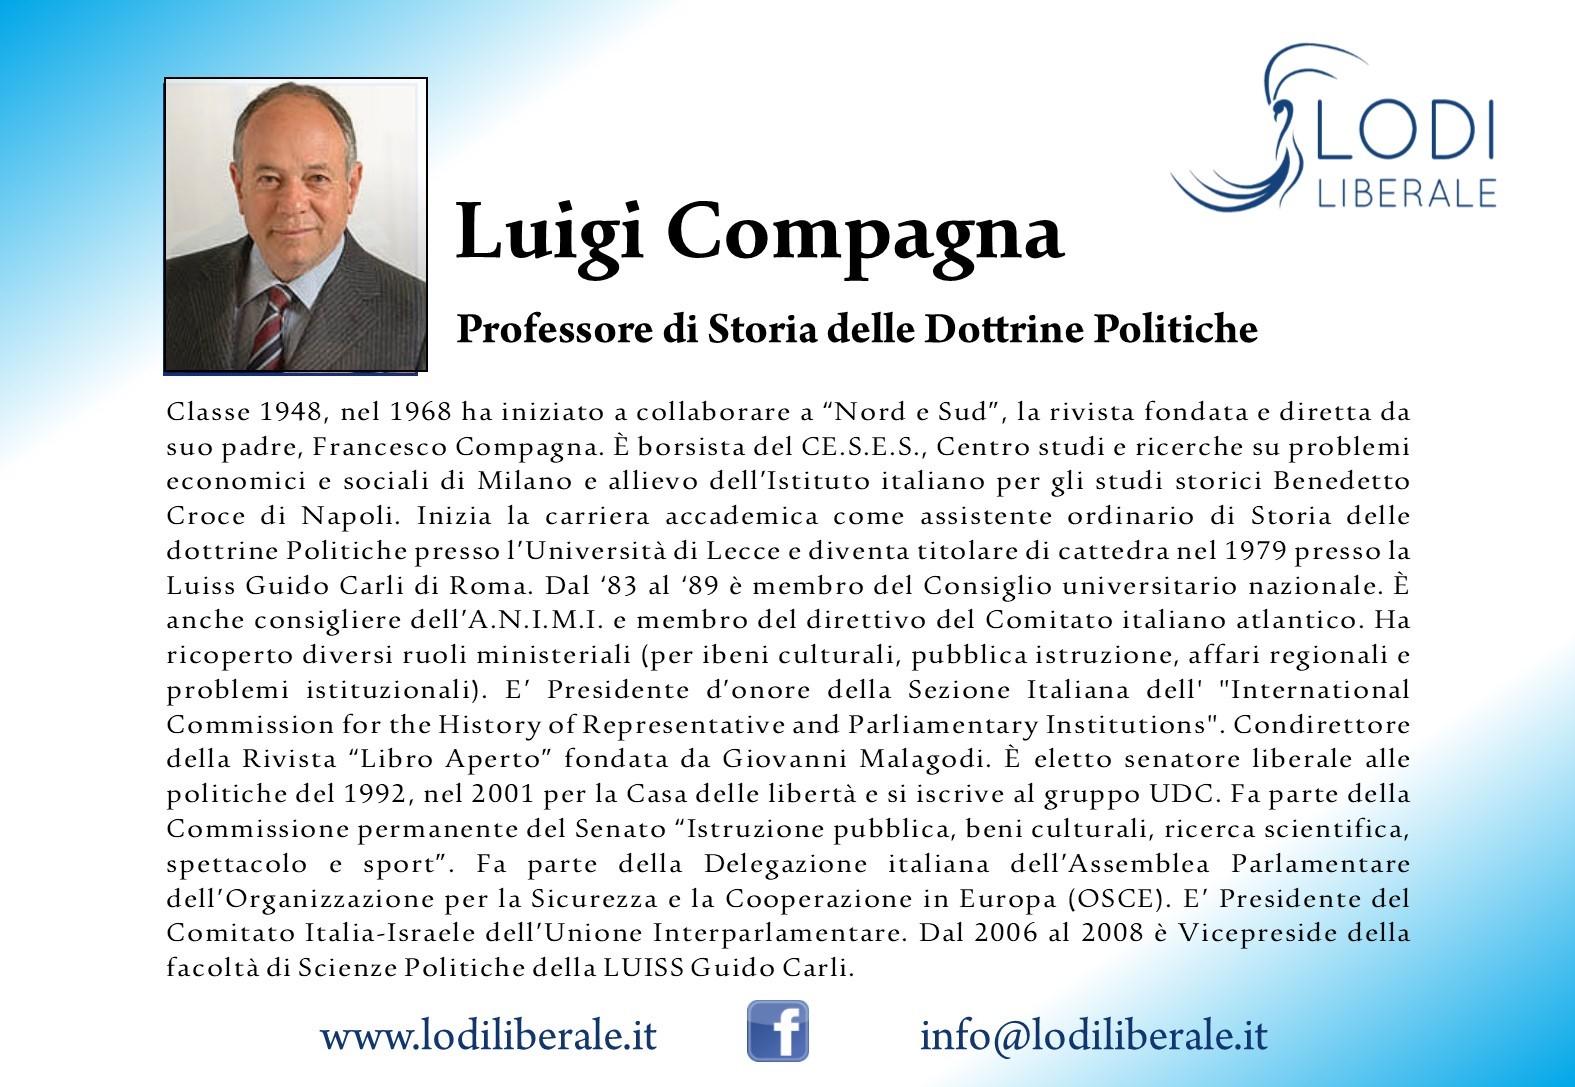 Luigi Compagna Lodi Liberale